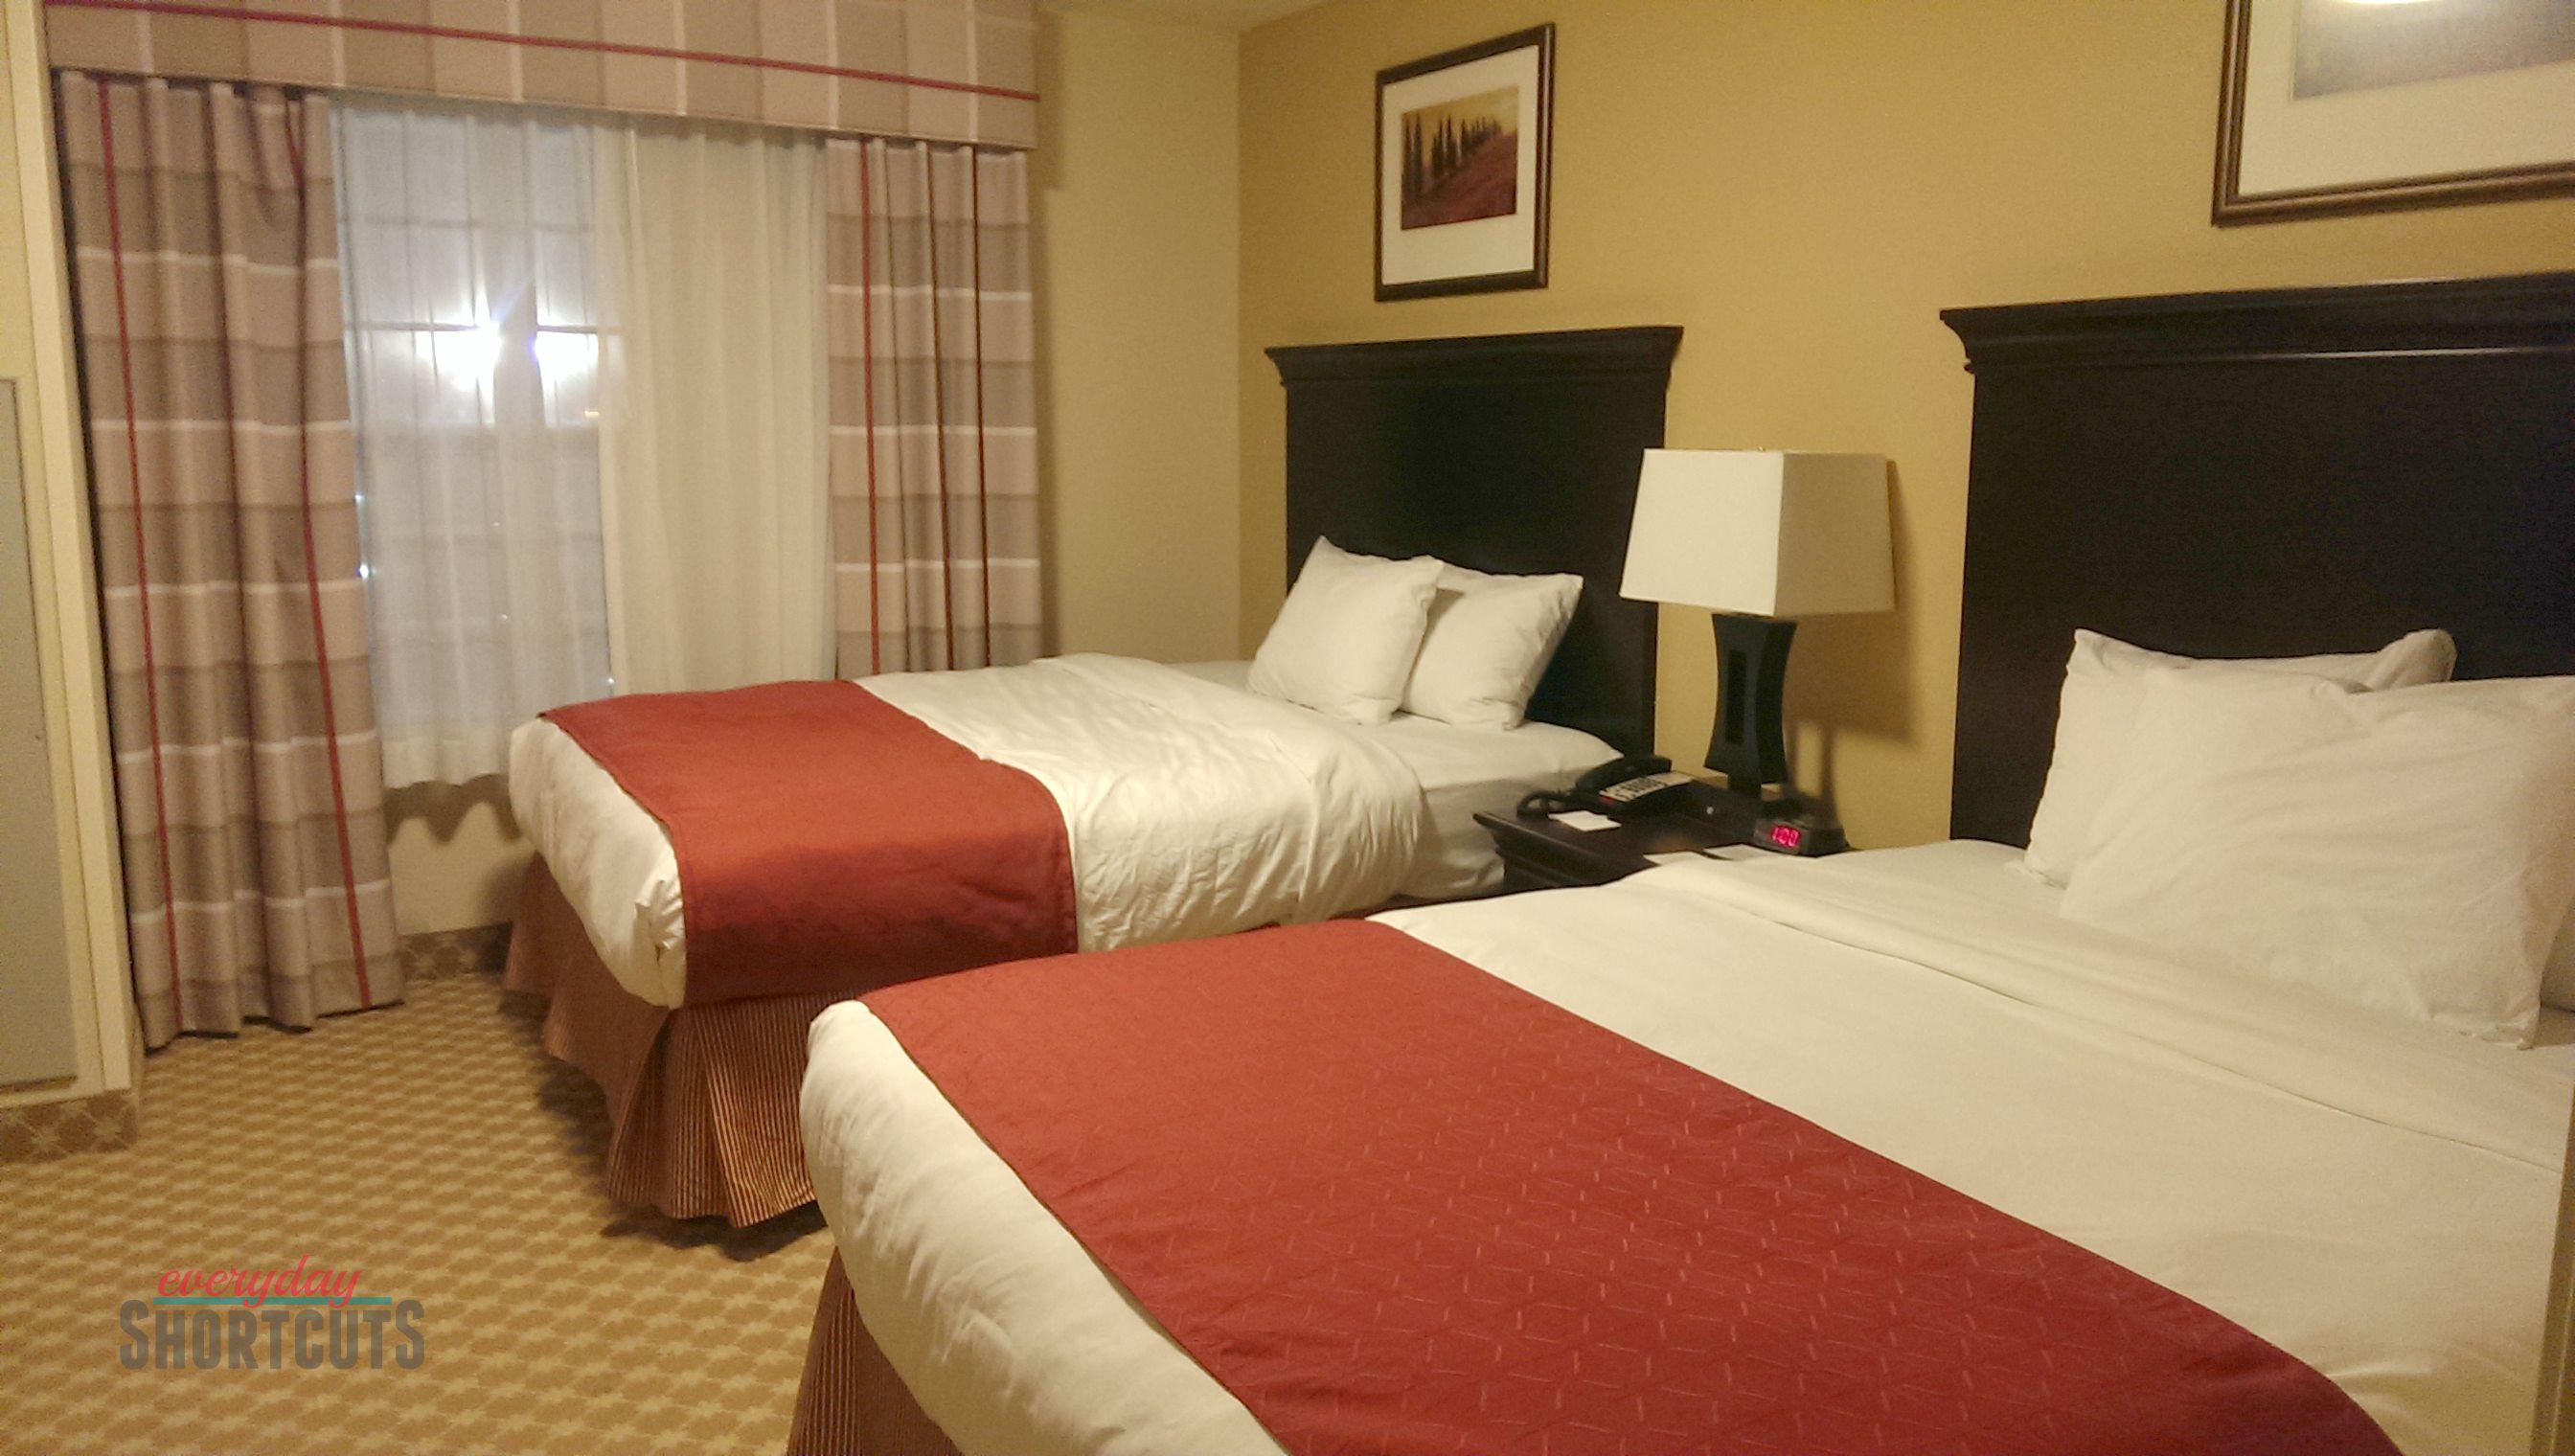 country inn & suites bedroom